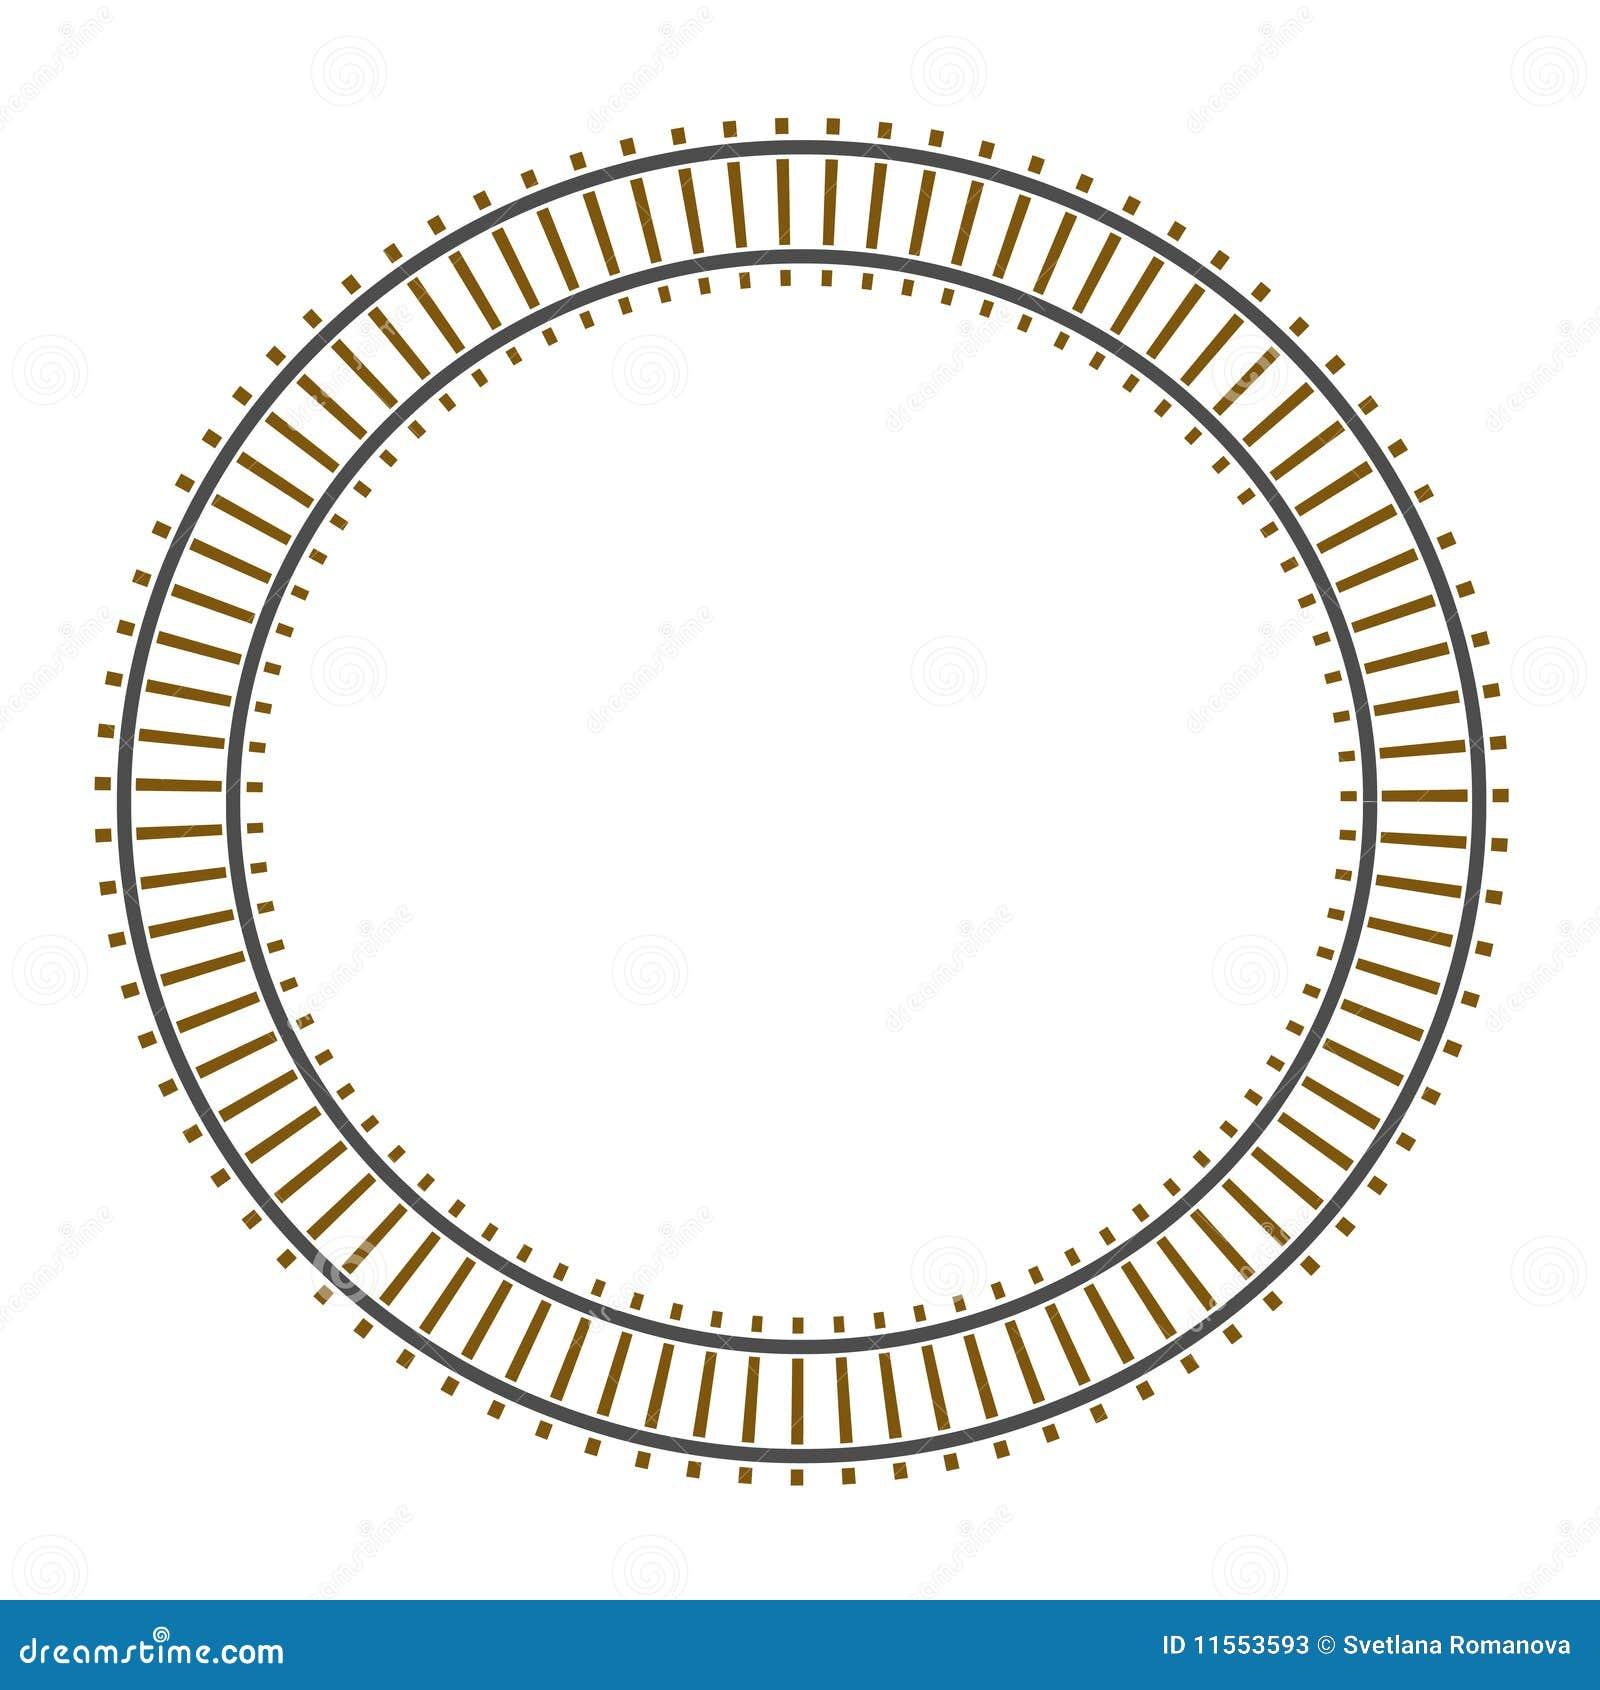 圈子无限铁路轨道培训